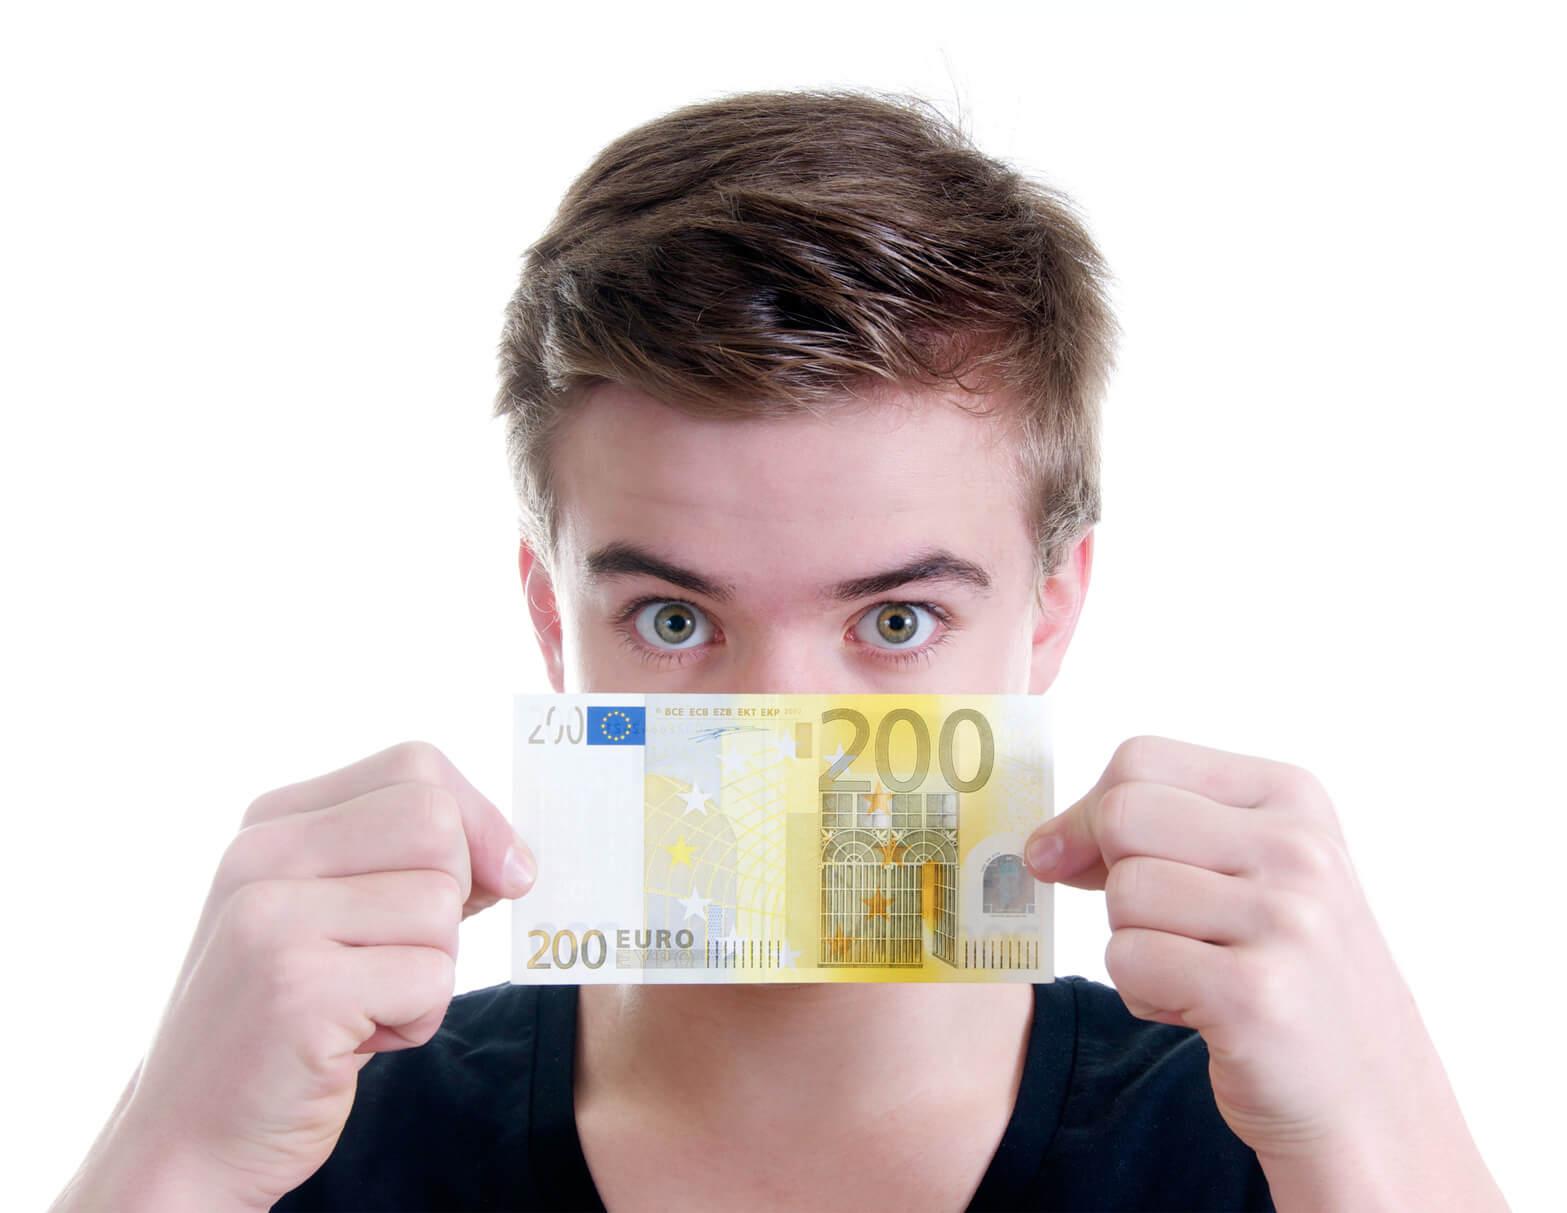 Kosten online partnervermittlungen